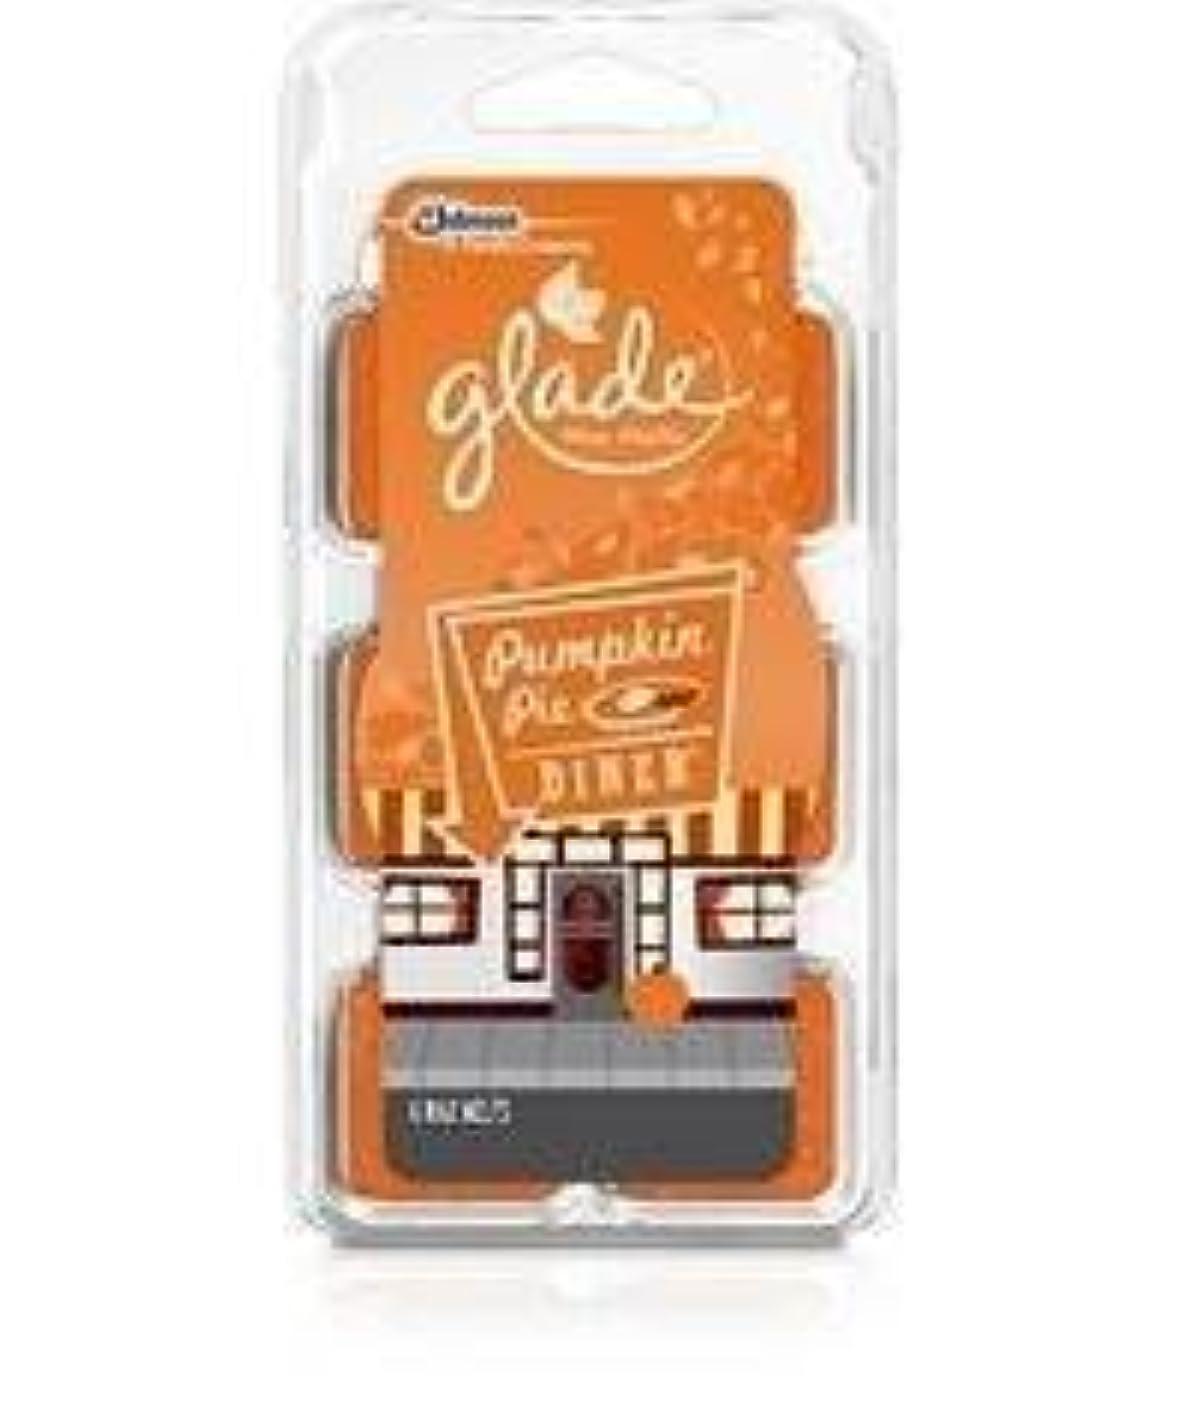 ゴミ勝つバケットGladeワックスMelts – Limited Edition冬コレクションfor the Holidays ( 3、パンプキンパイDiner ) by SCジョンソン